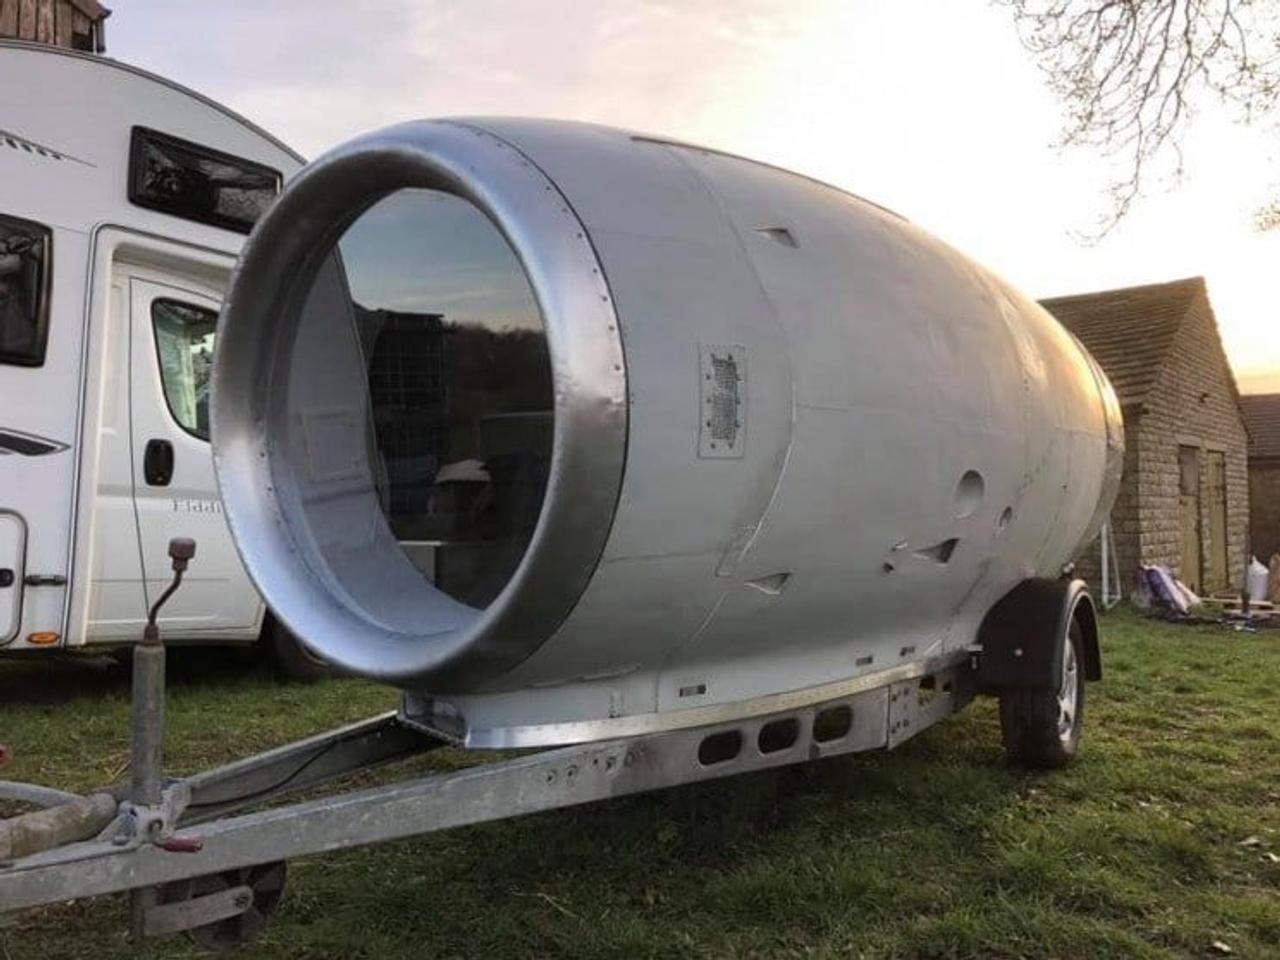 Инженер из Британии Стив Джонс переделал гондолу двигателя авиалайнера в индивидуальный дом на колесах